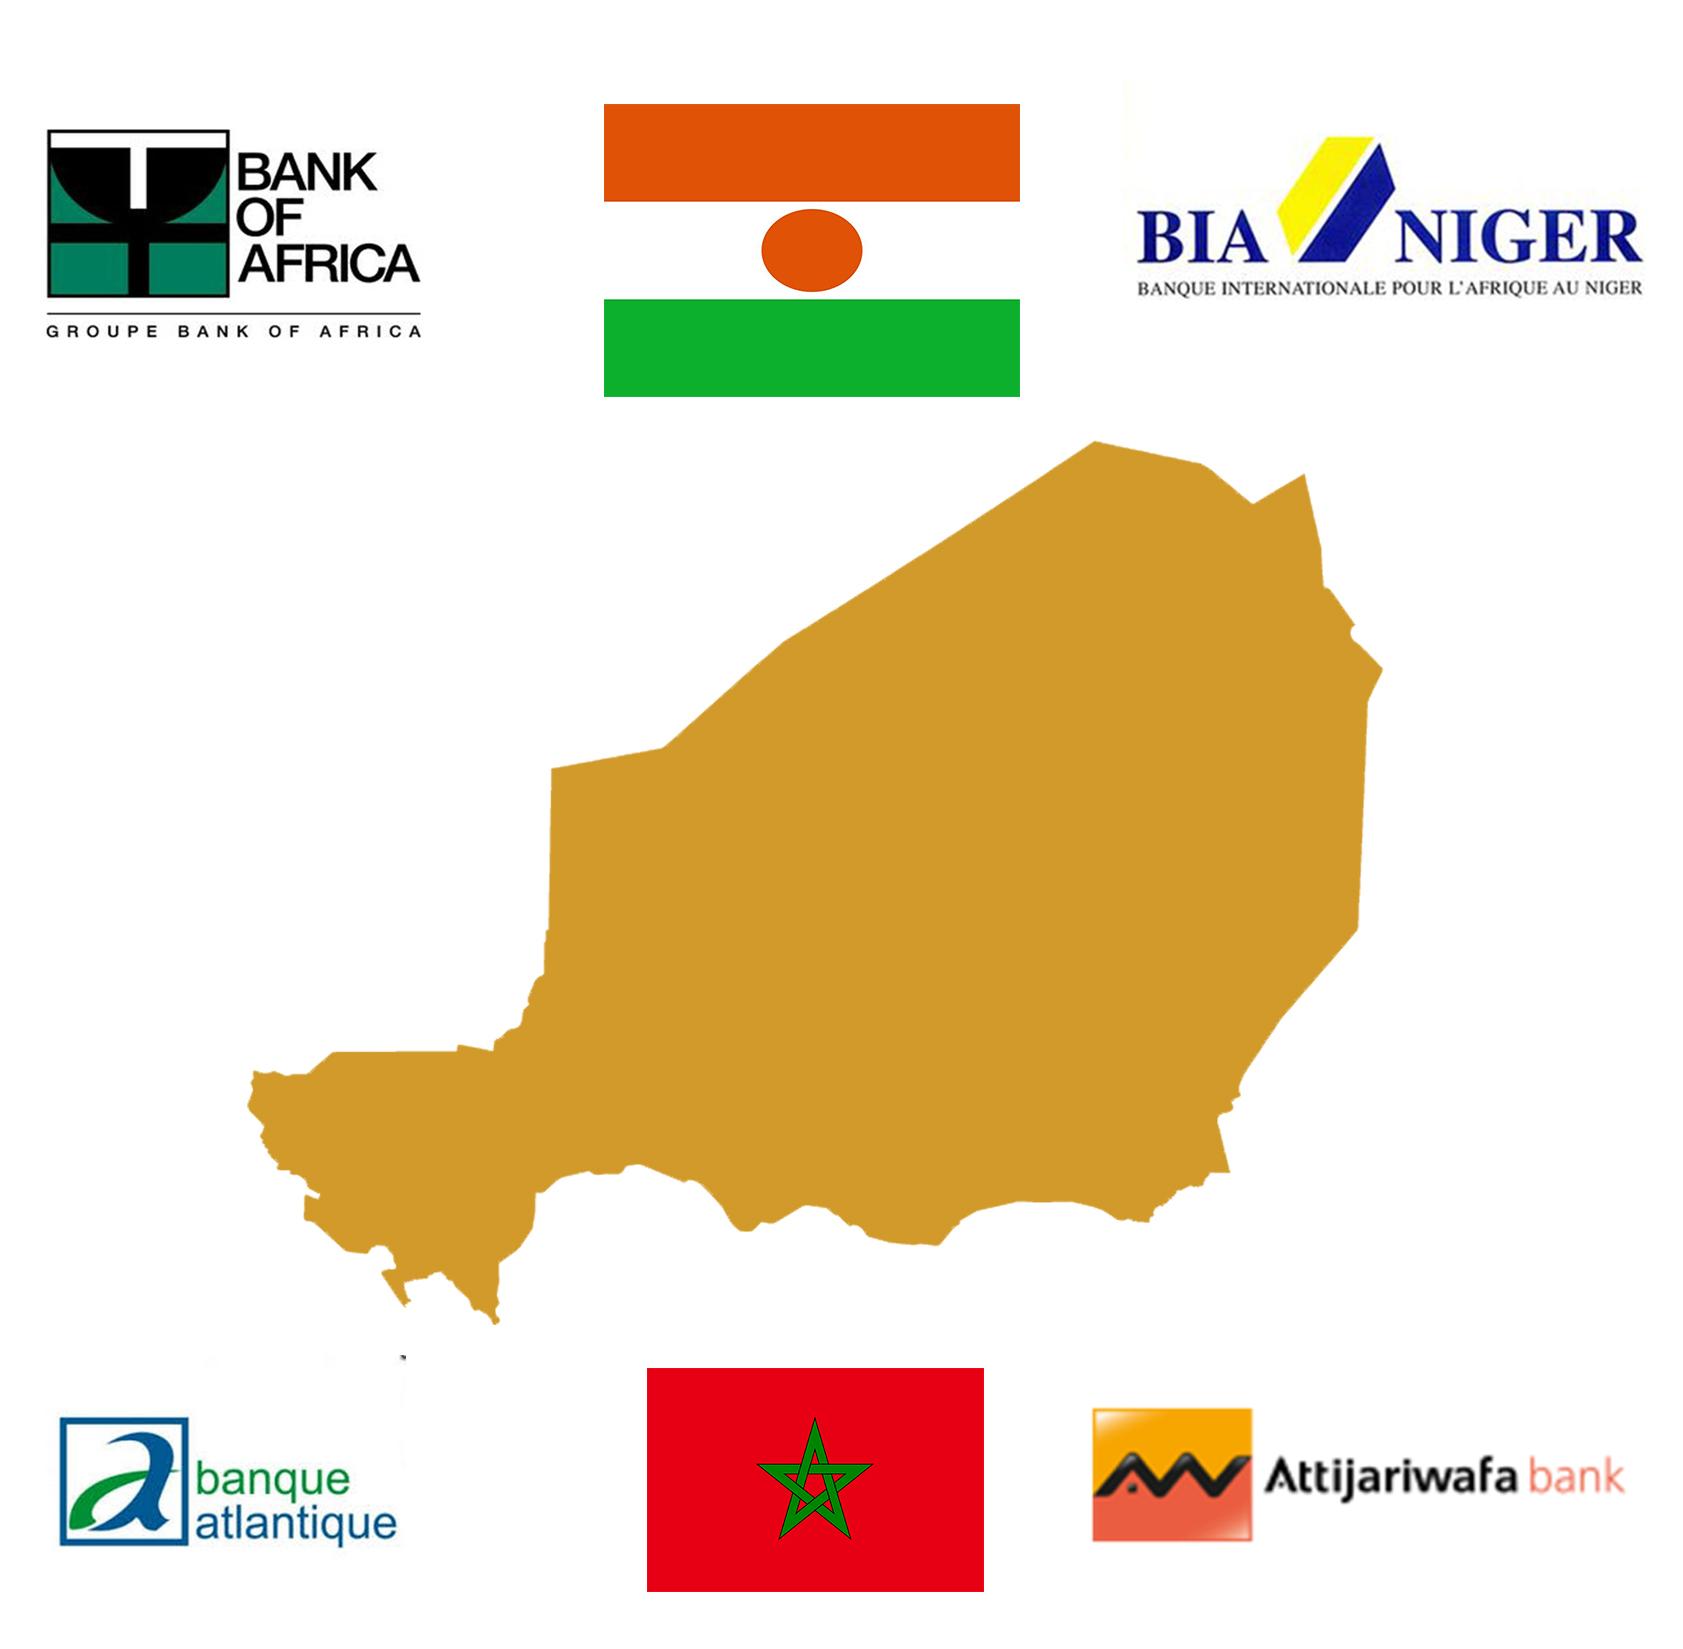 Le poids du Maroc dans le système bancaire du Niger